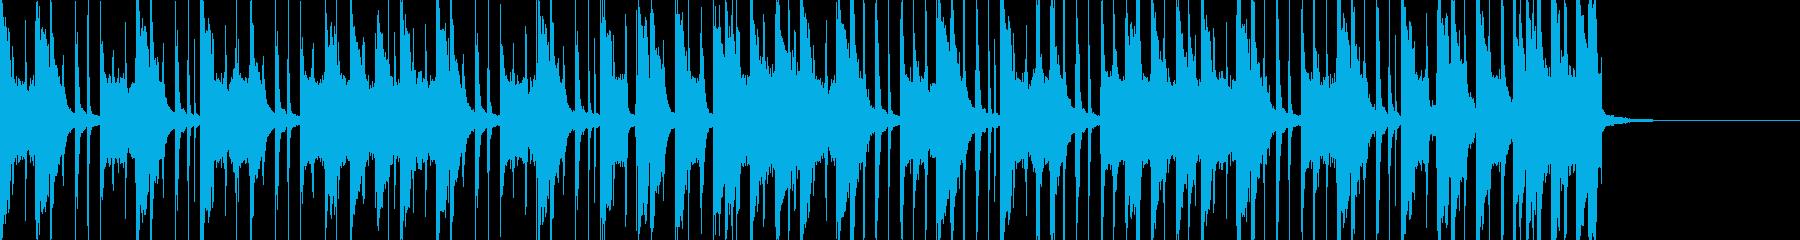 フューチャーベースっぽいジングルの再生済みの波形